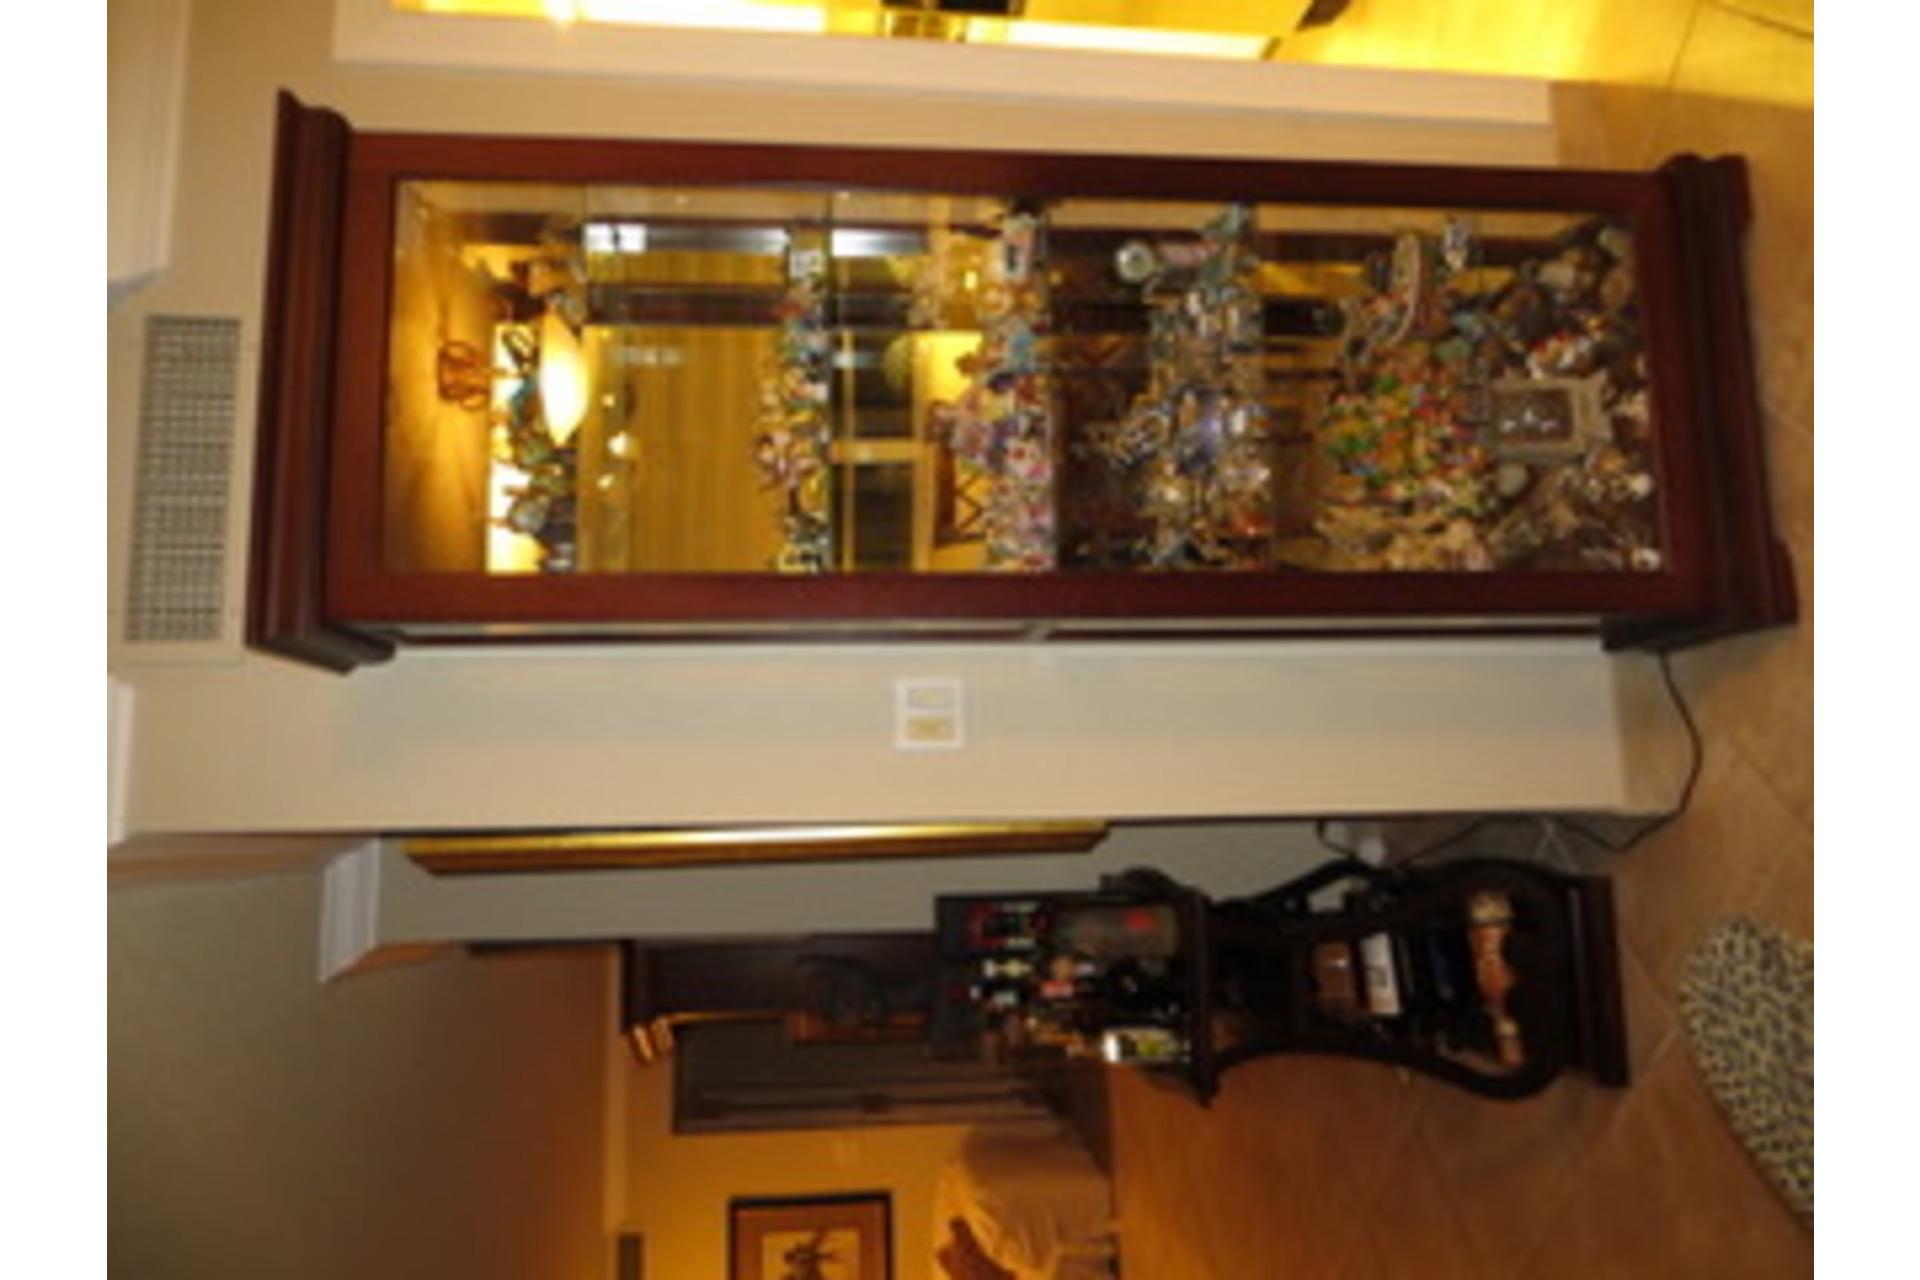 image 37 - Condo À vendre Hallandale Beach - 6 pièces